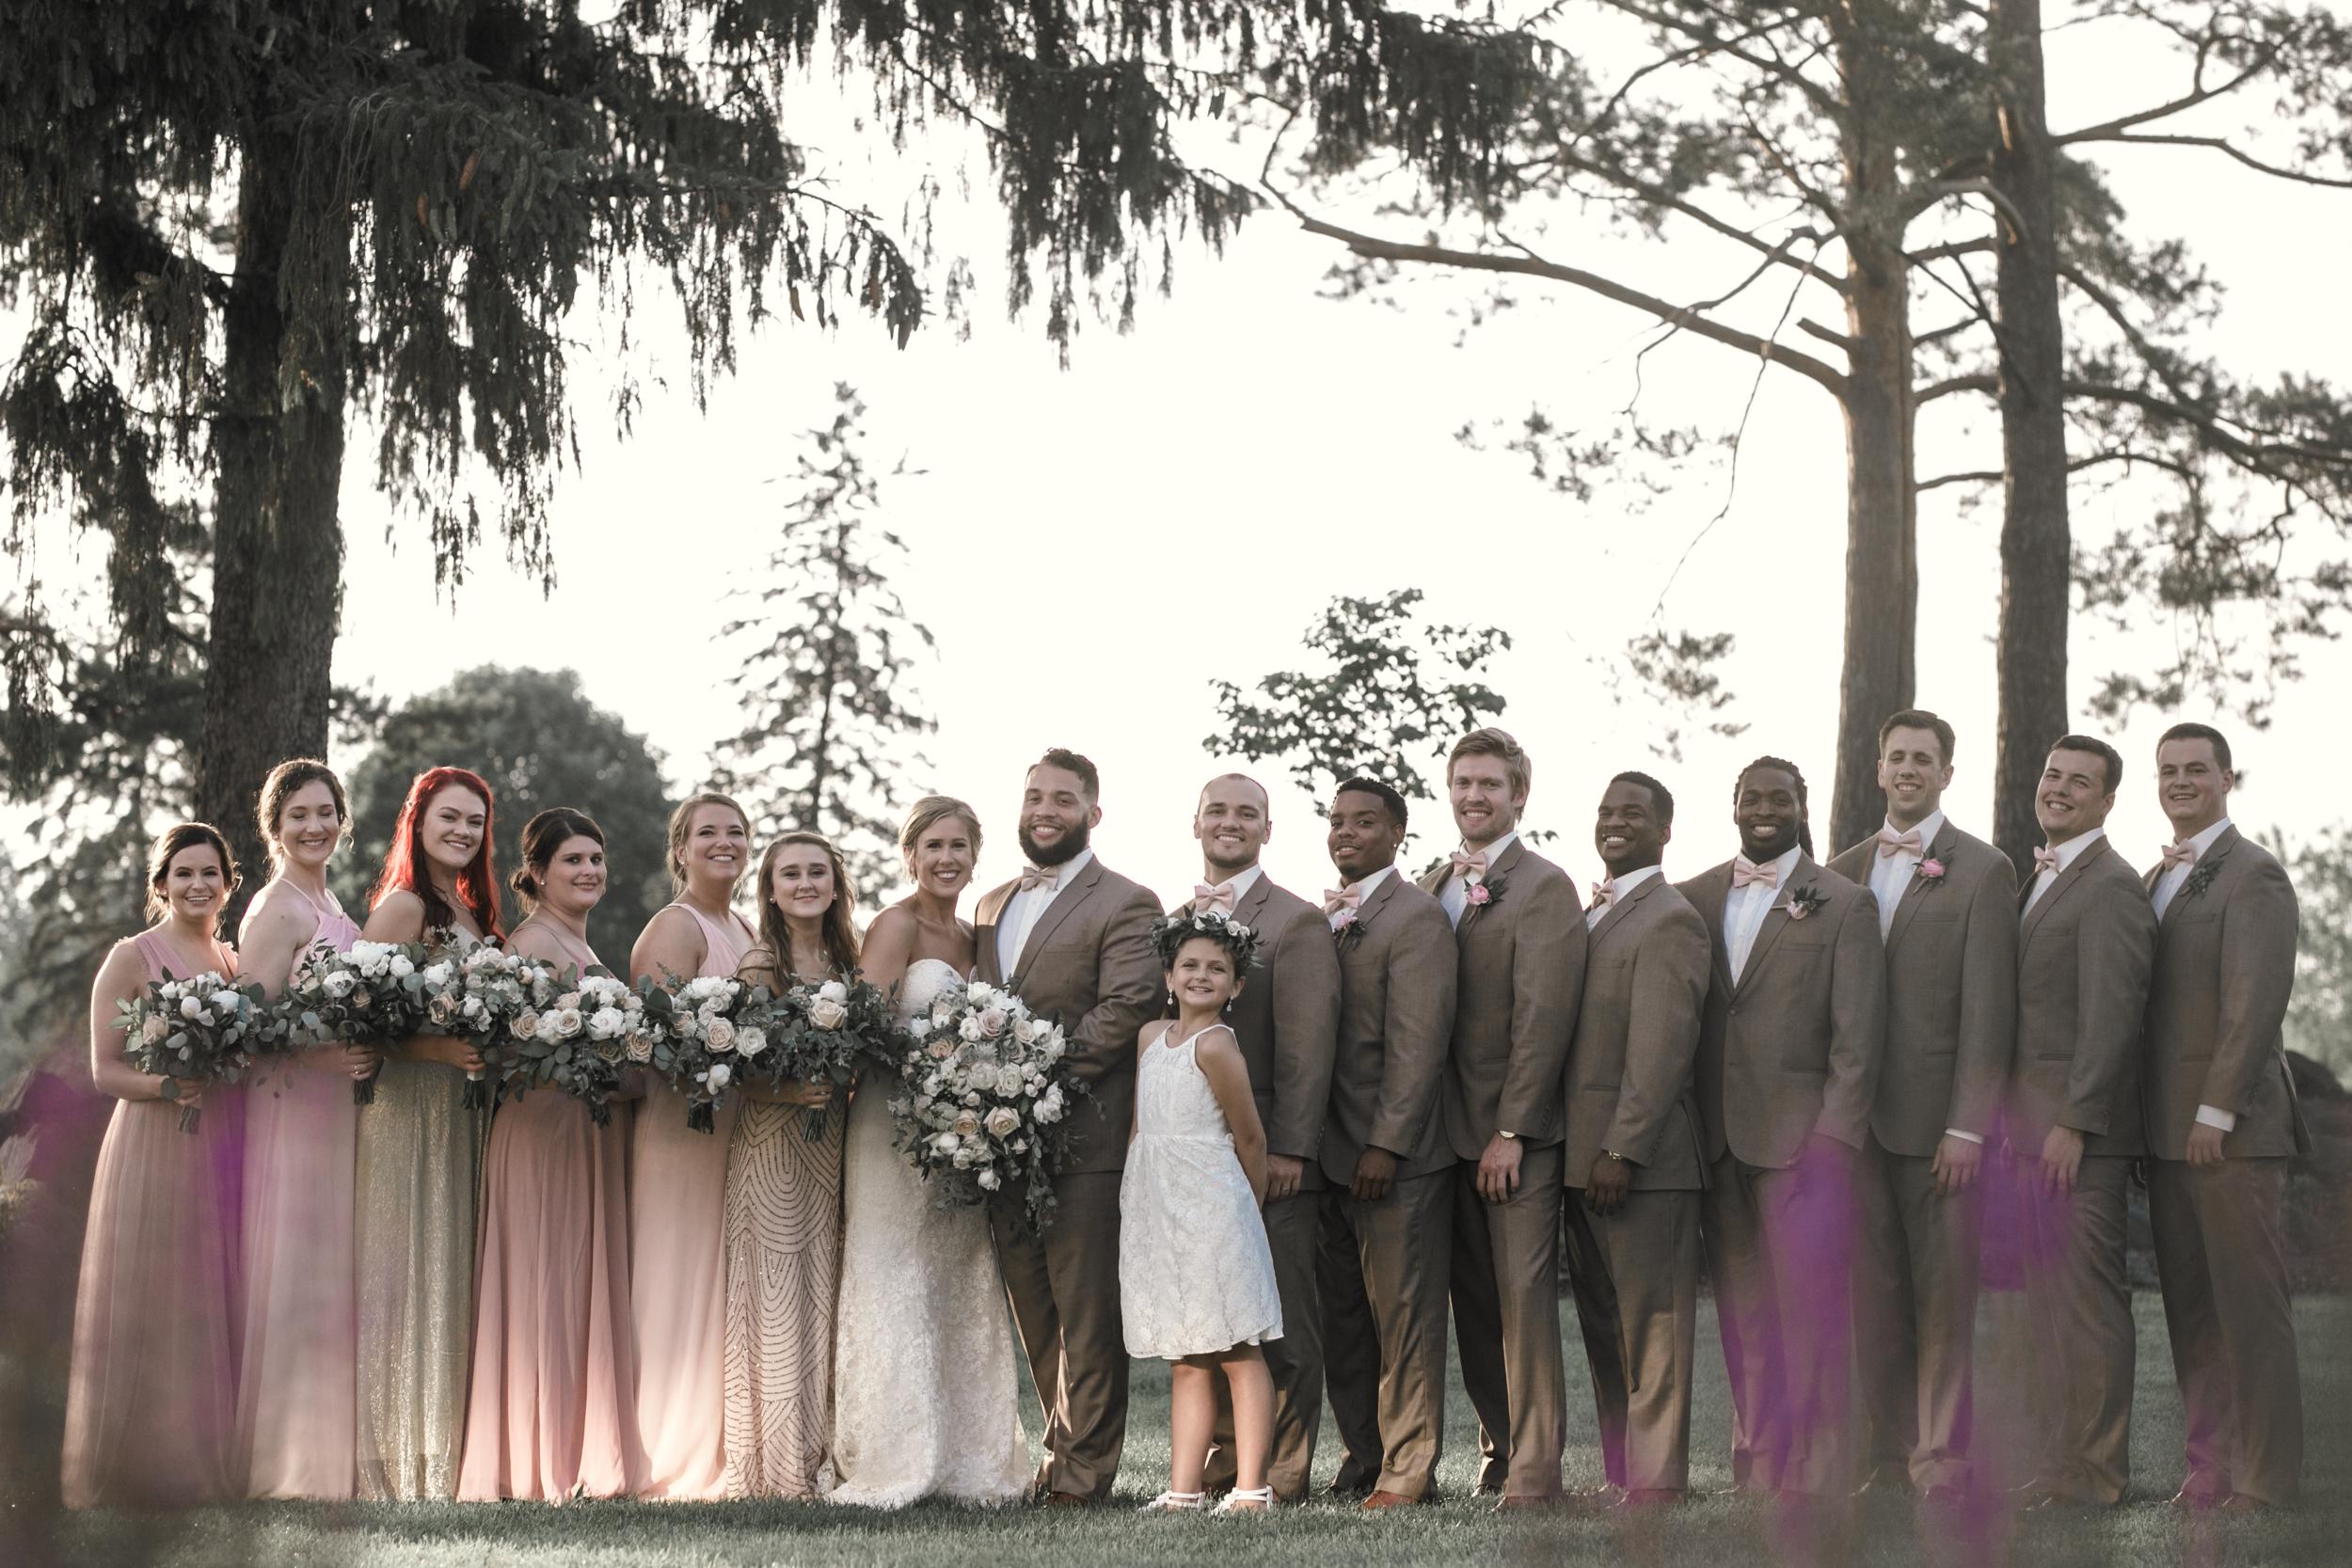 dellwood country club wedding*, Dellwood Country Club*, golf course wedding*, green golf course*, rose pink wedding details*-www.rachelsmak.com85.jpg